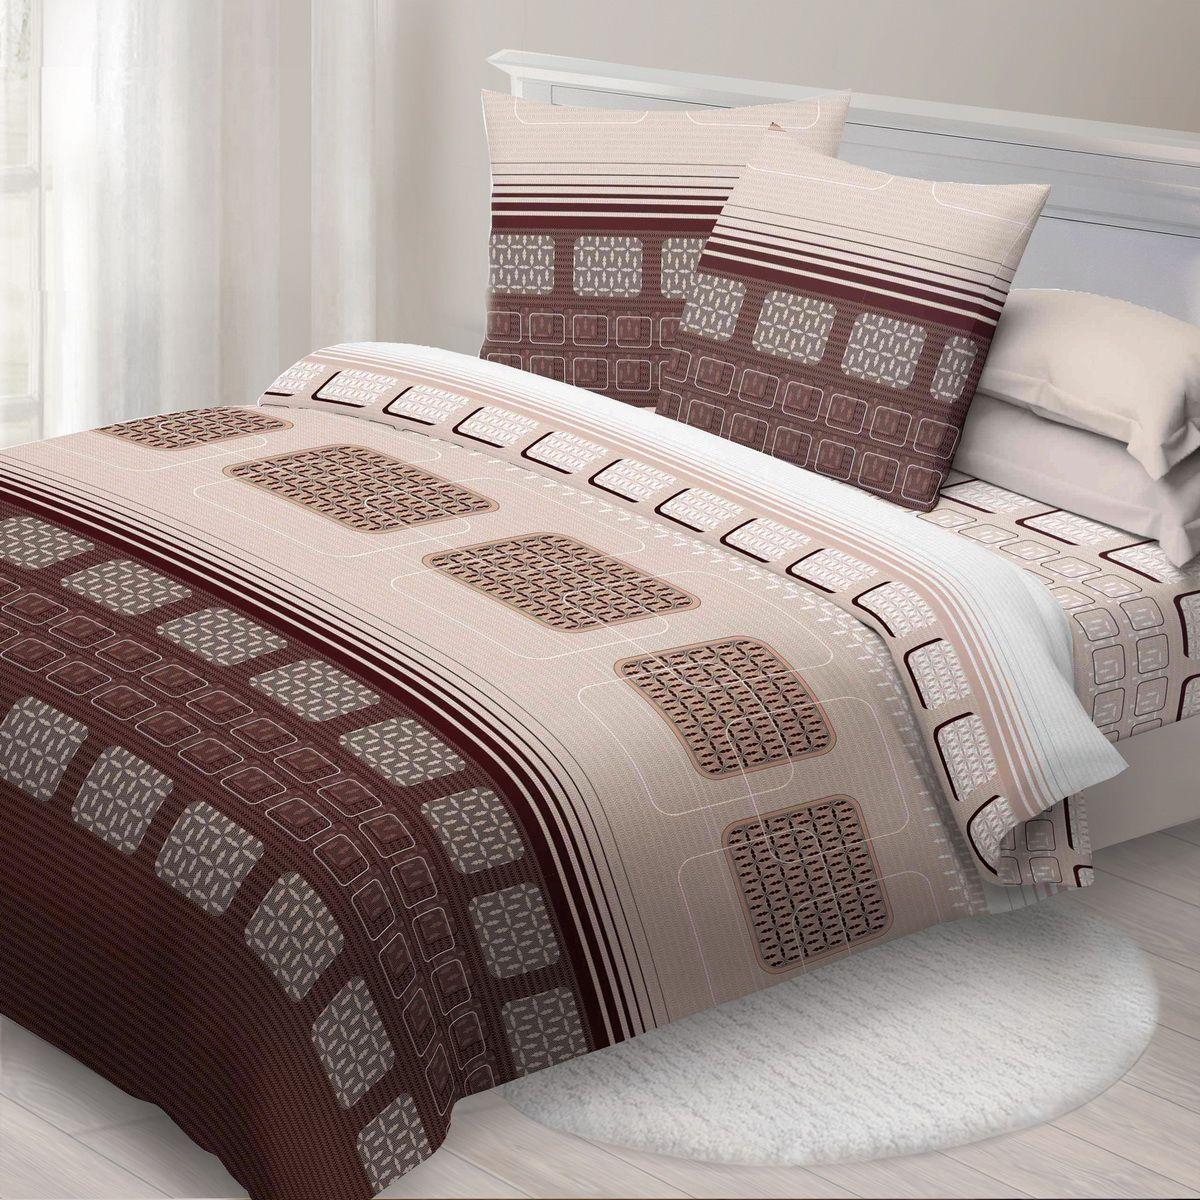 Комплект белья Спал Спалыч Синтез, 1,5-спальное, наволочки 70x70, цвет: коричневый87866Спал Спалыч - недорогое, но качественное постельное белье из белорусской бязи. Актуальные дизайны, авторская упаковка в сочетании с качественными материалами и приемлемой ценой - залог успеха Спал Спалыча! В ассортименте широкая линейка домашнего текстиля для всей семьи - современные дизайны современному покупателю! Ткань обработана по технологии PERFECT WAY - благодаря чему, она становится более гладкой и шелковистой. • Бязь Барановичи 100% хлопок • Плотность ткани - 125 гр/кв.м.